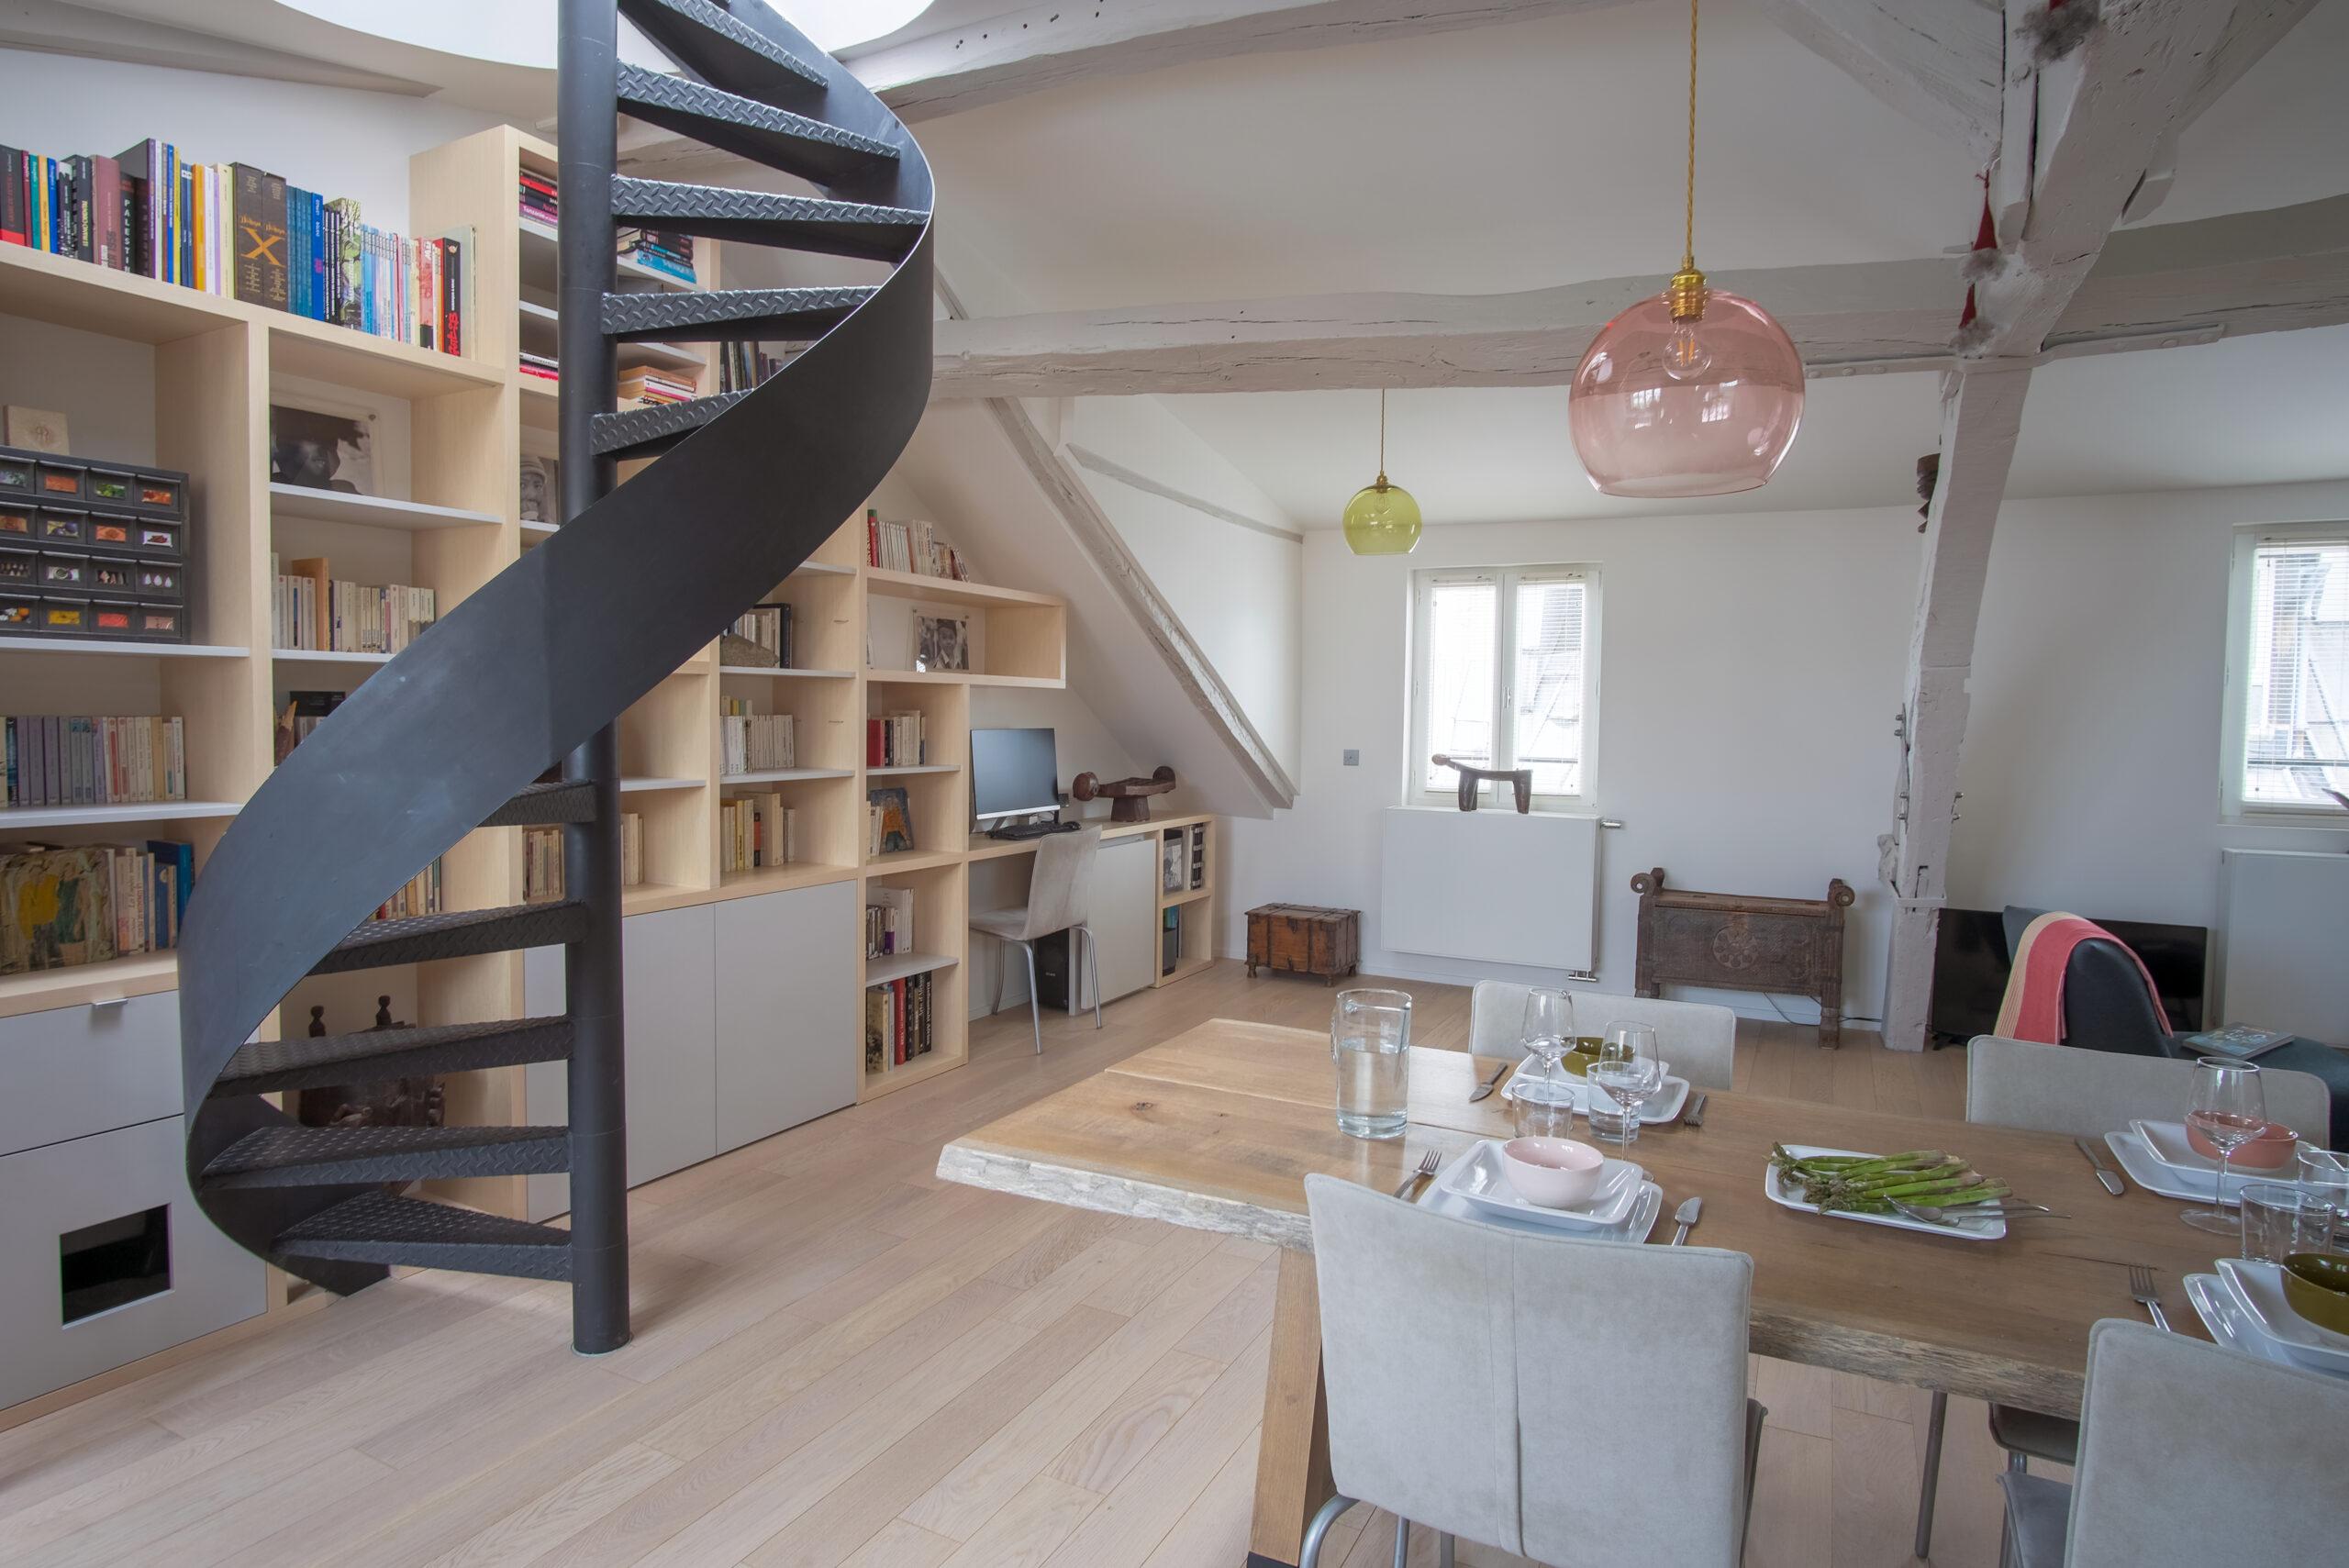 Duplex atypique. Escalier en colimaçon et bibliothèque / bureau sur mesure.